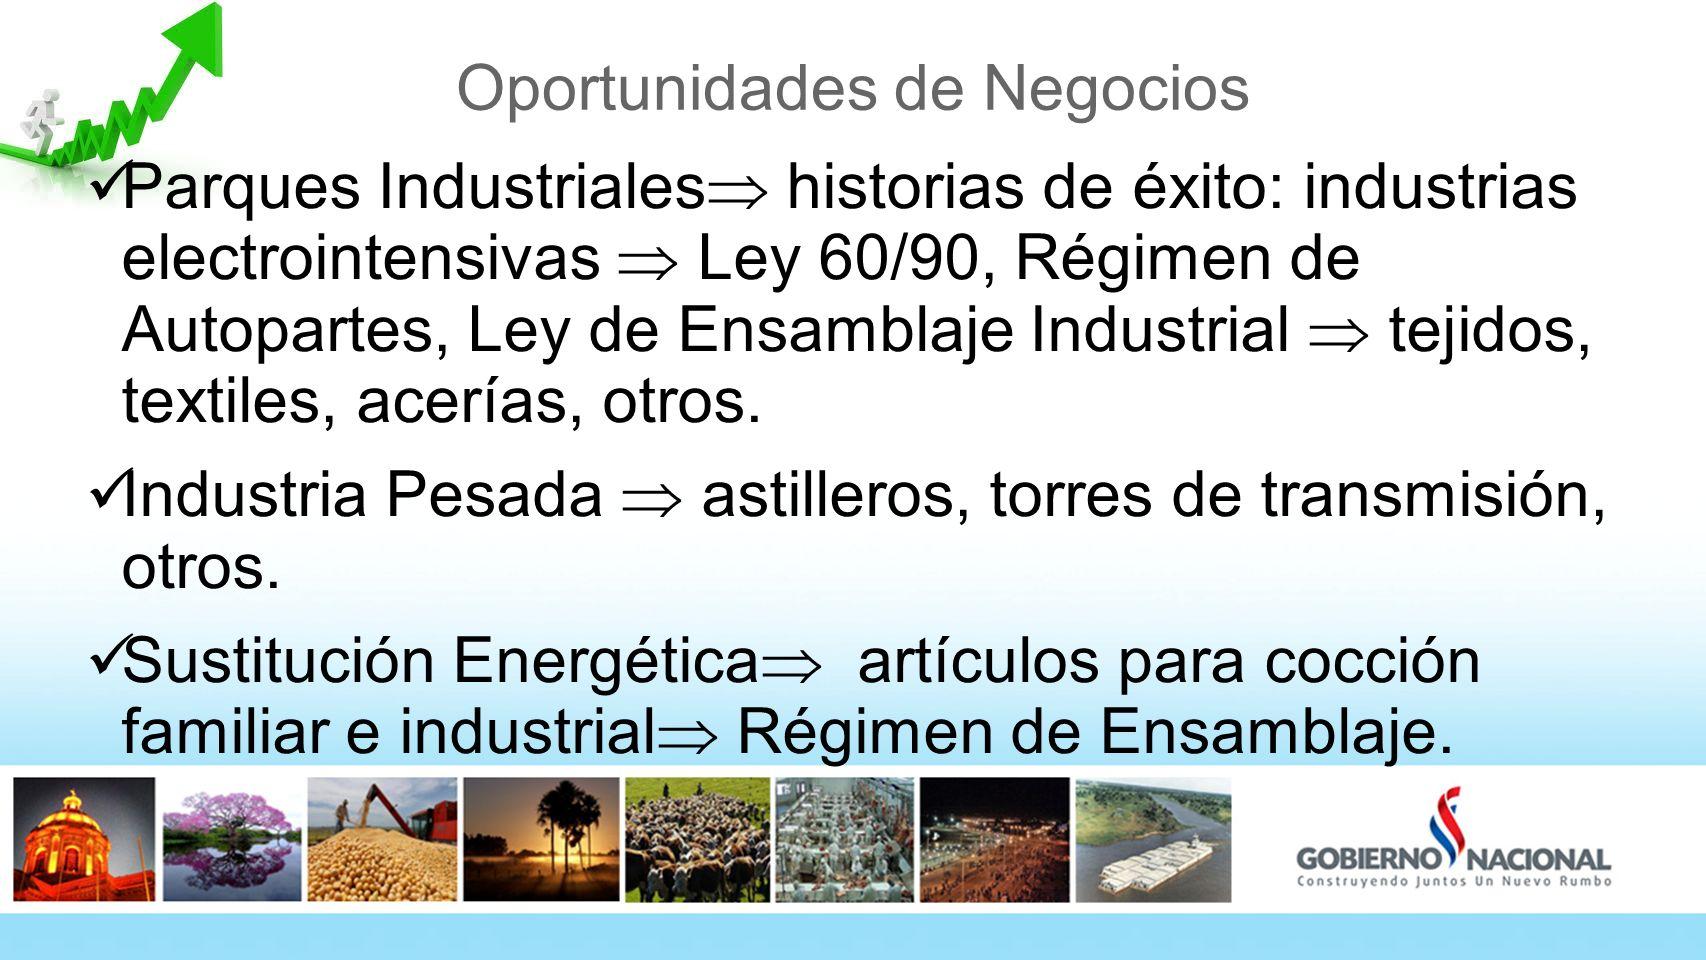 Oportunidades de Negocios Parques Industriales historias de éxito: industrias electrointensivas Ley 60/90, Régimen de Autopartes, Ley de Ensamblaje In